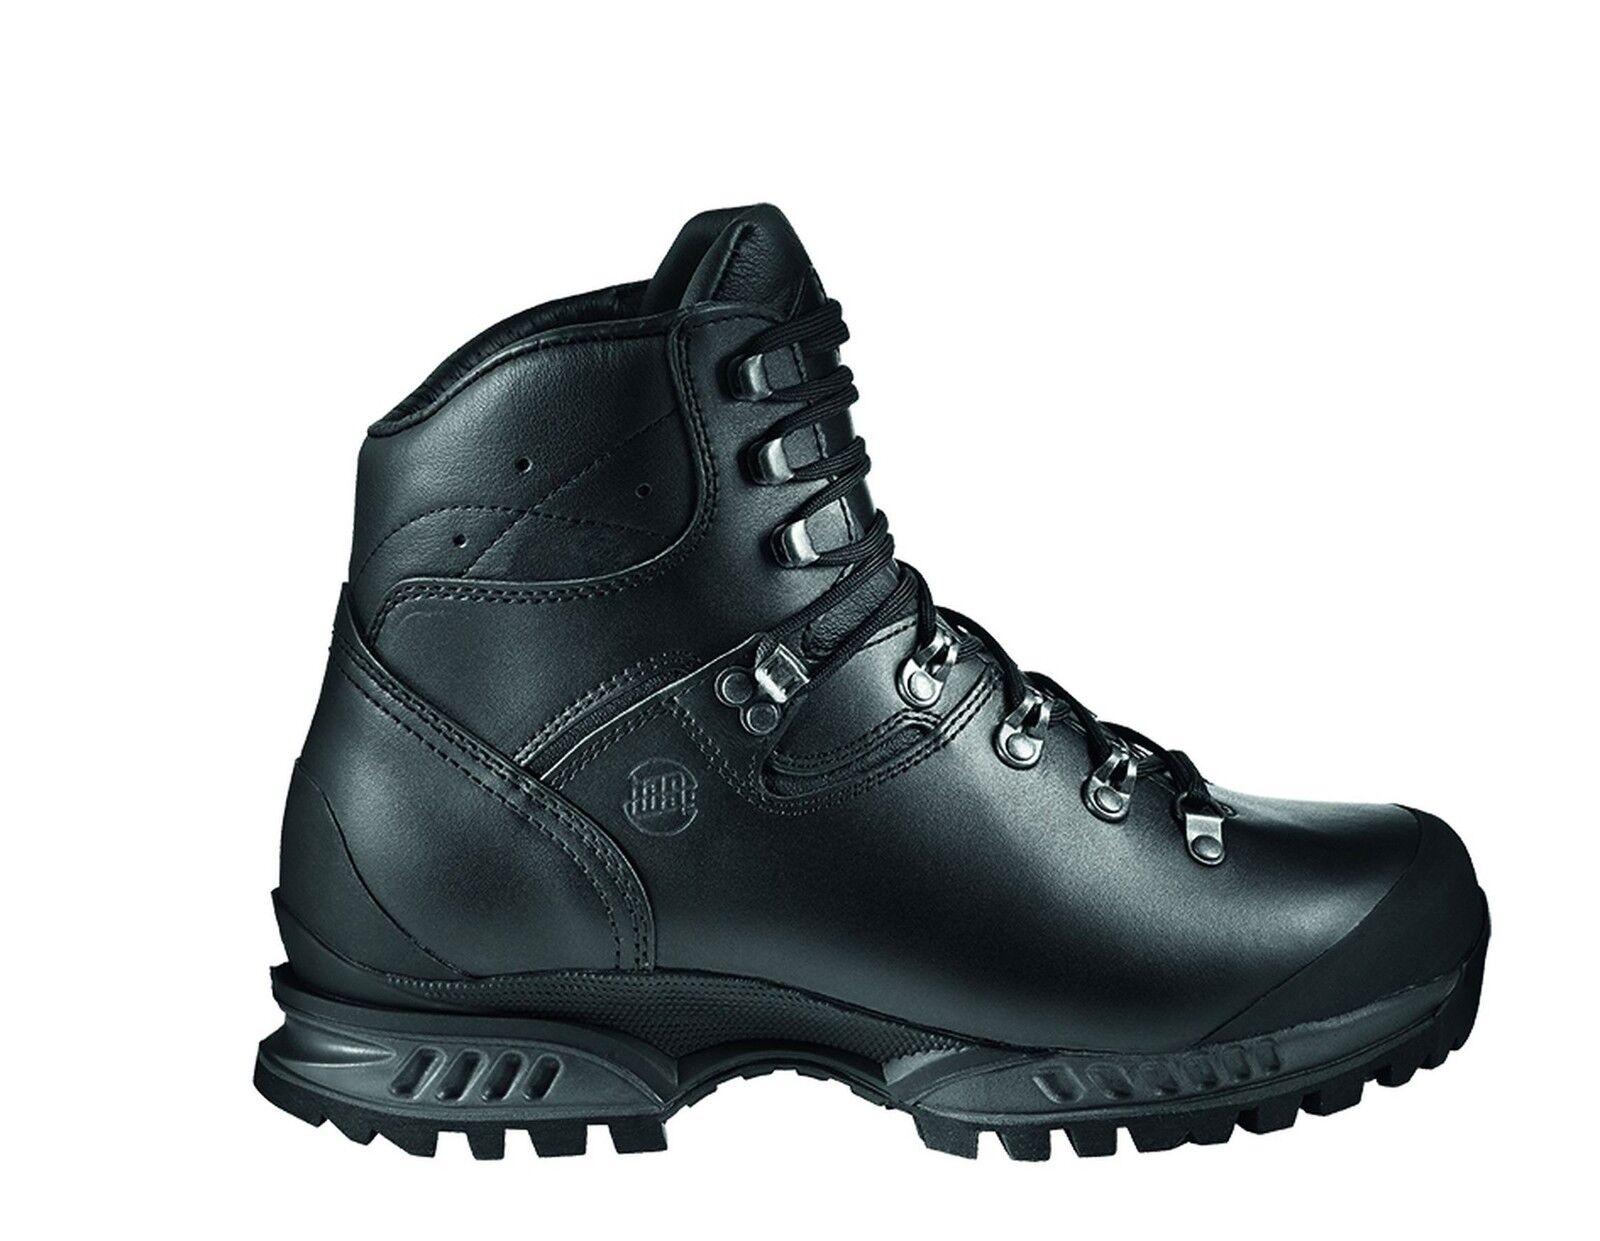 Hanwag Bergschuhe  Tatra Men Leder Größe 7,5 - 41,5 black